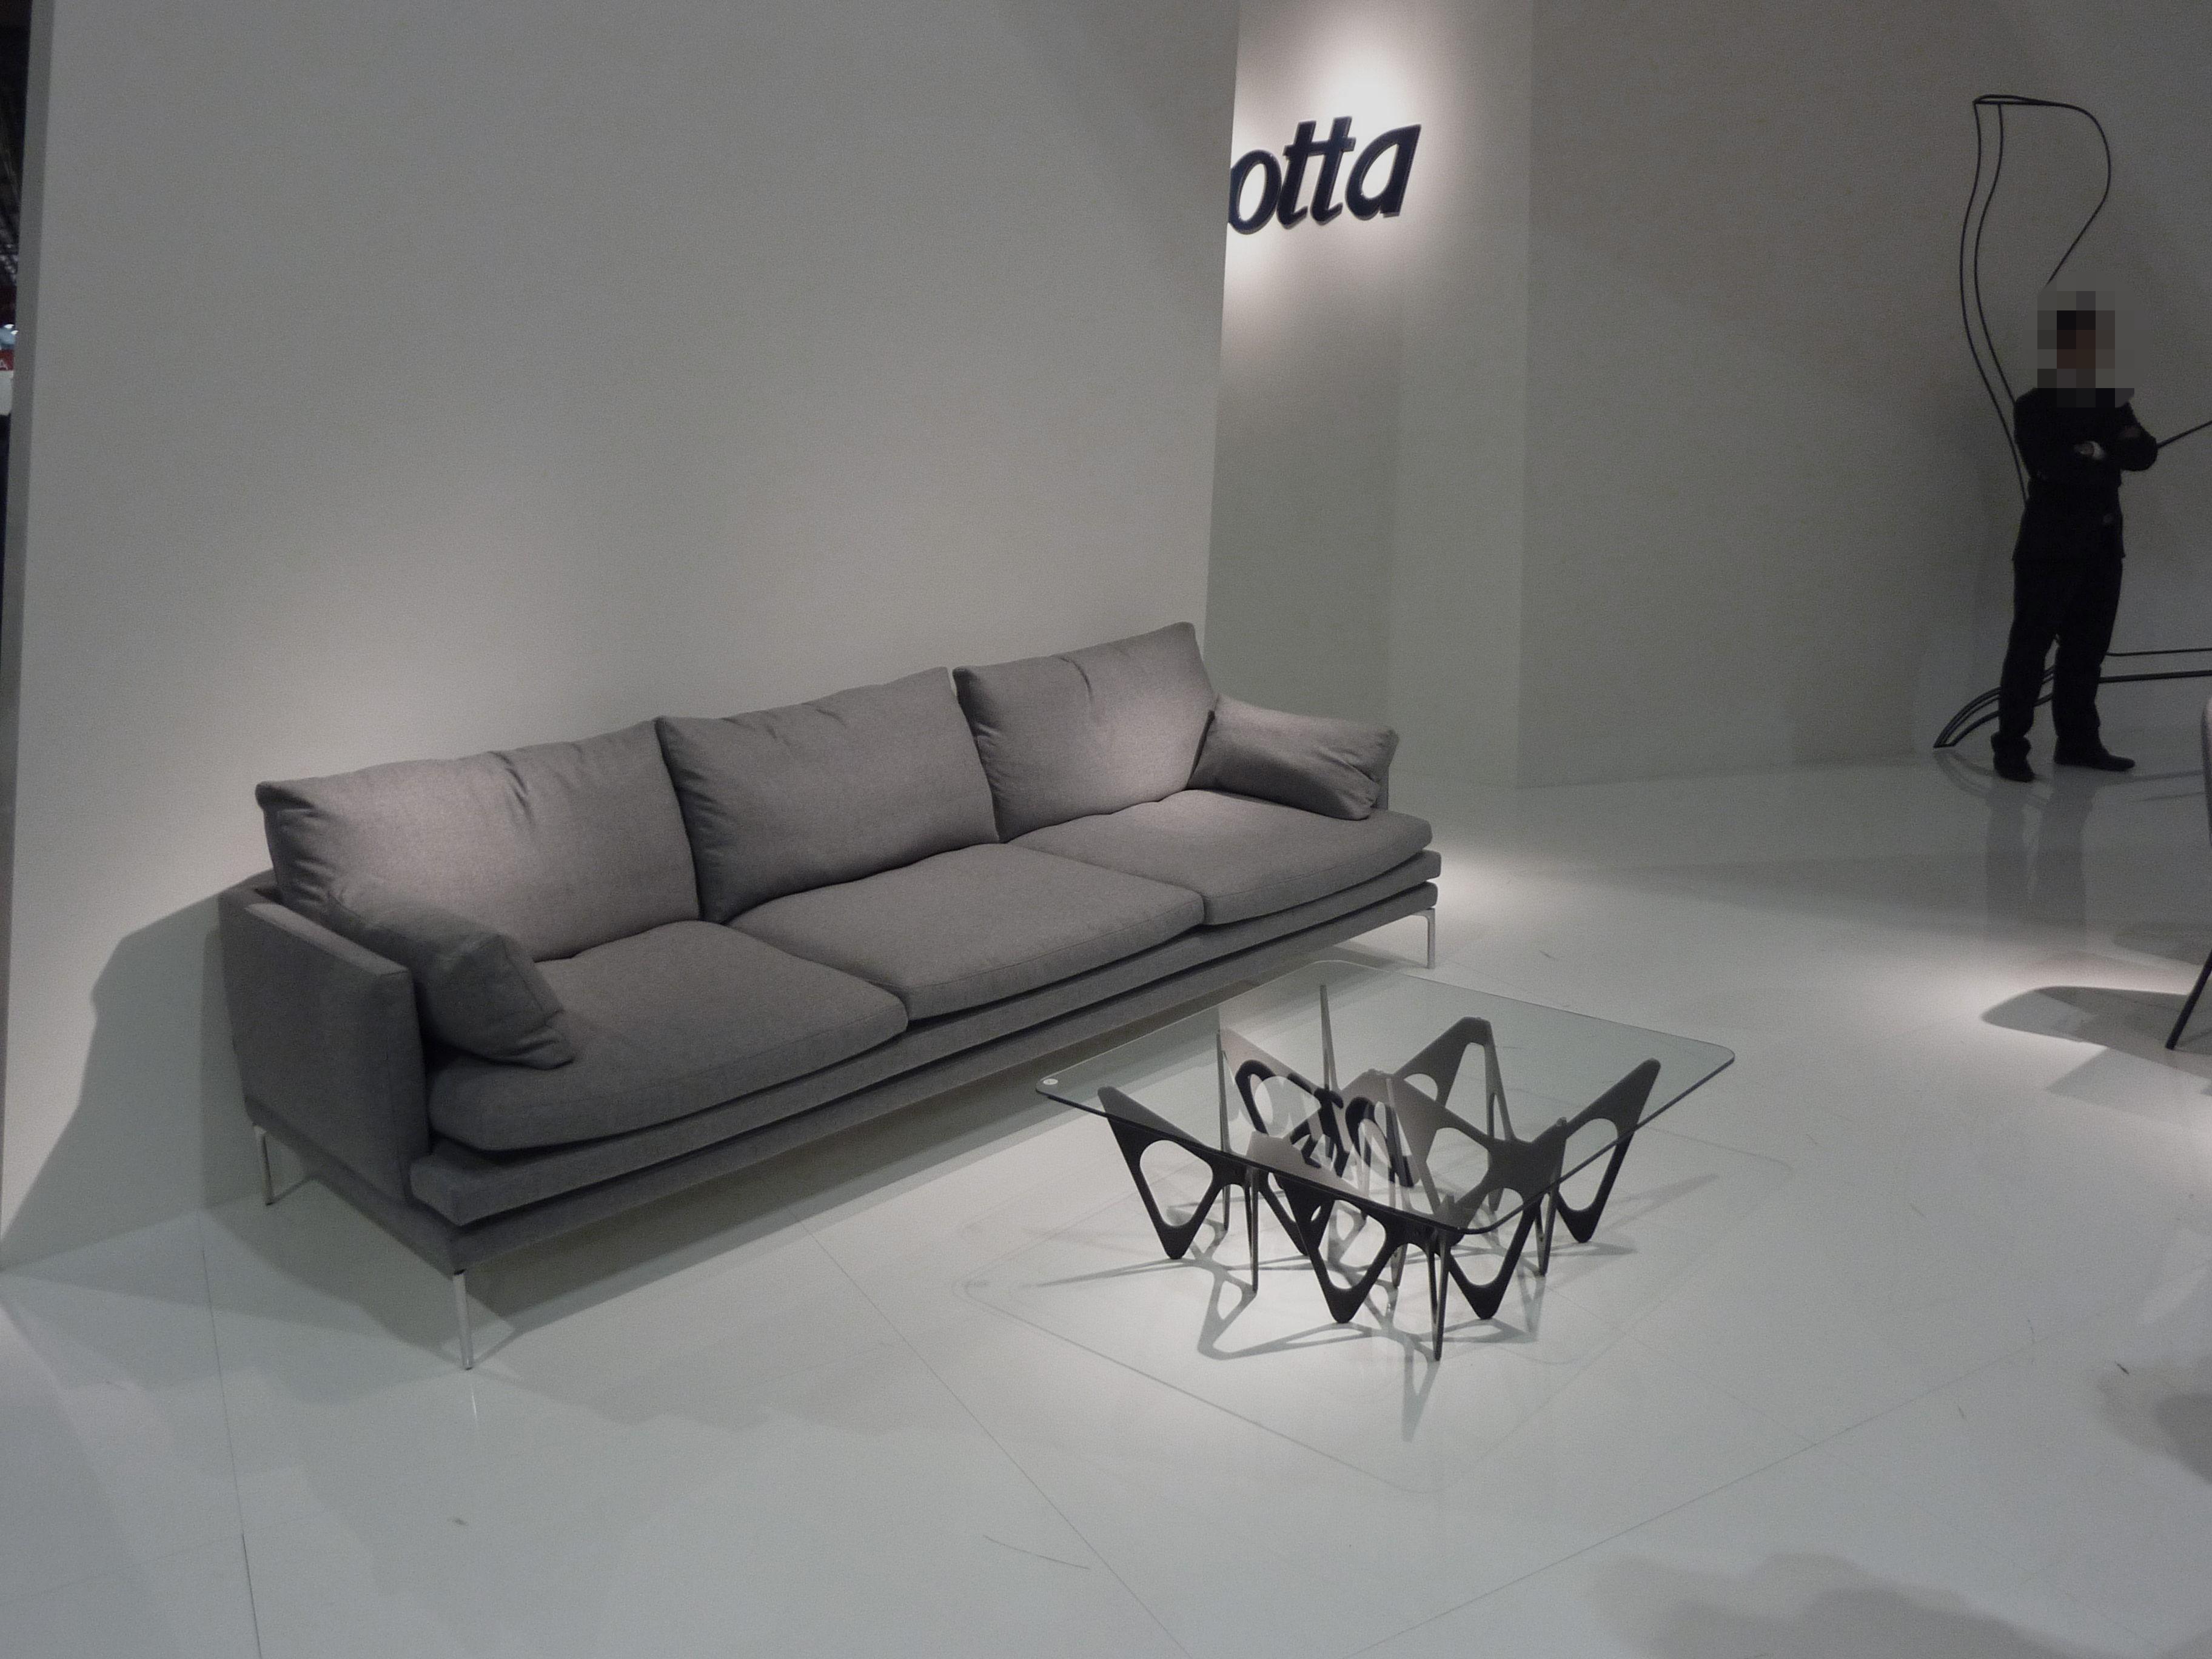 scopri divano destro william versione in cuoio 3 posti l 266 cm cuoio marrone scuro di. Black Bedroom Furniture Sets. Home Design Ideas